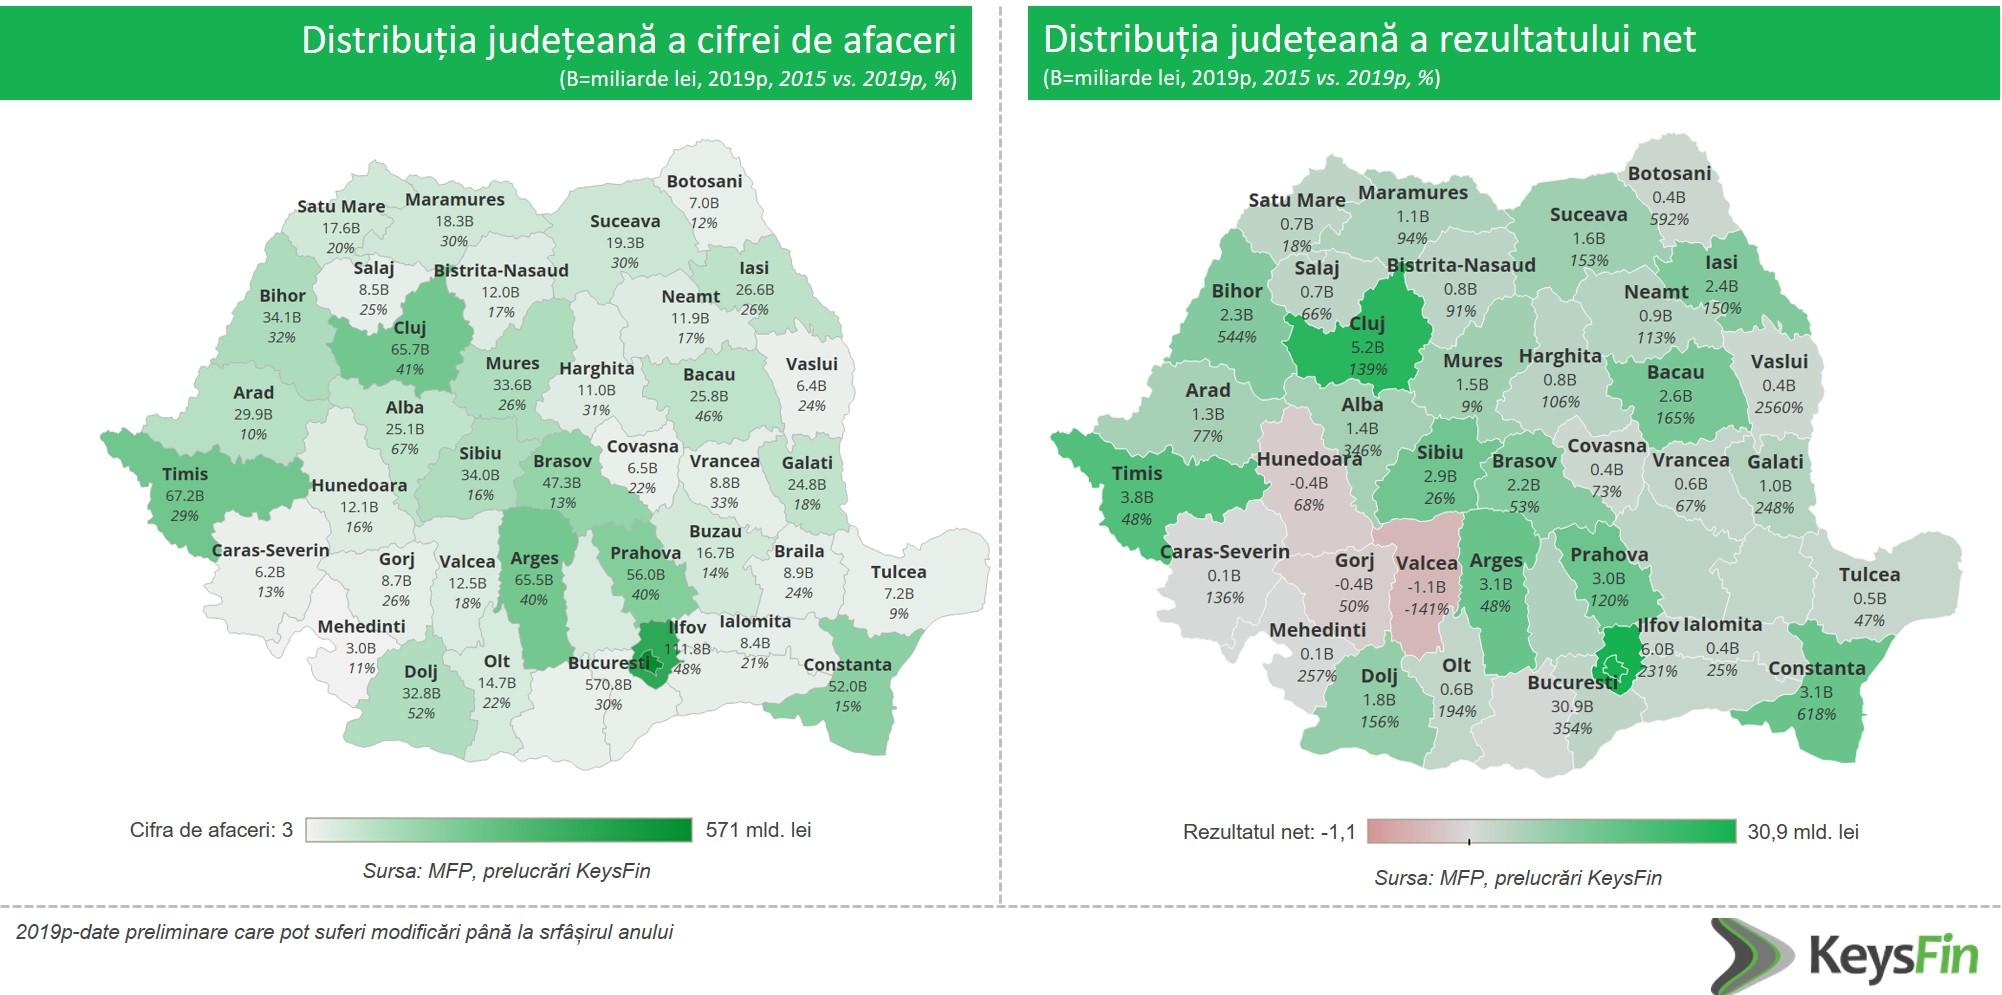 Care sunt cele mai puternice și cele mai slabe județe din România, în funcție de cifra de afaceri a companiilor locale?